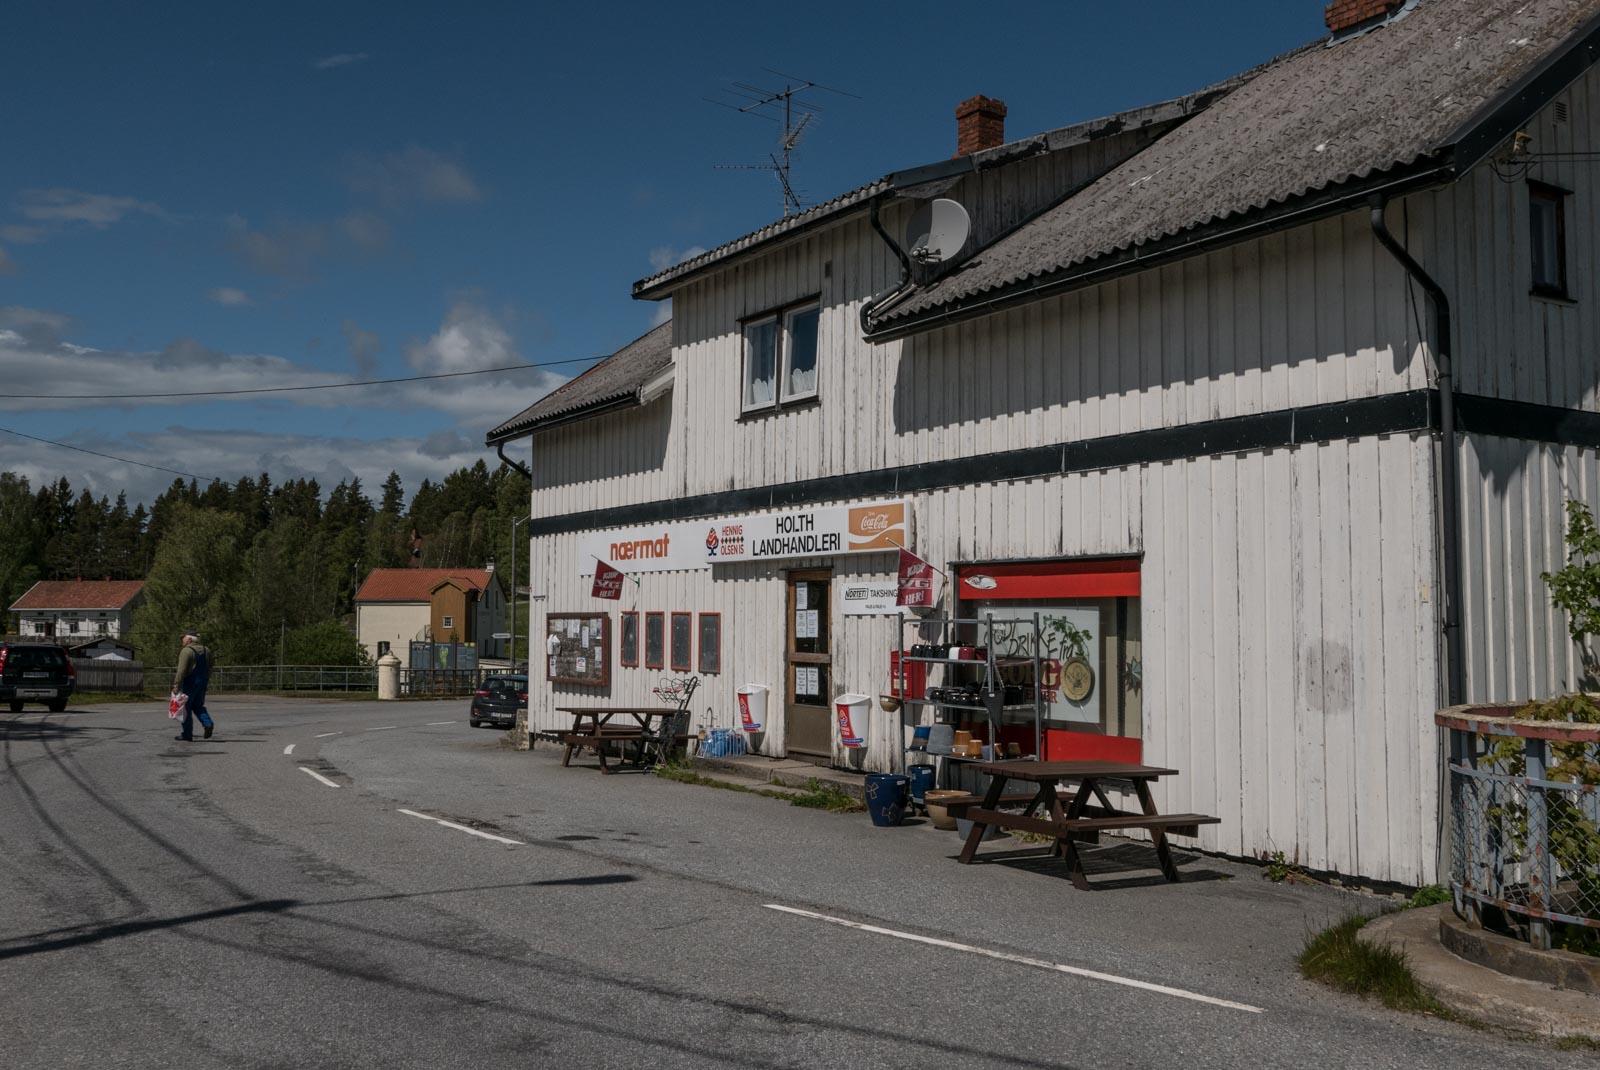 Holth Landhandel, koselig liten butikk på Strømsfoss